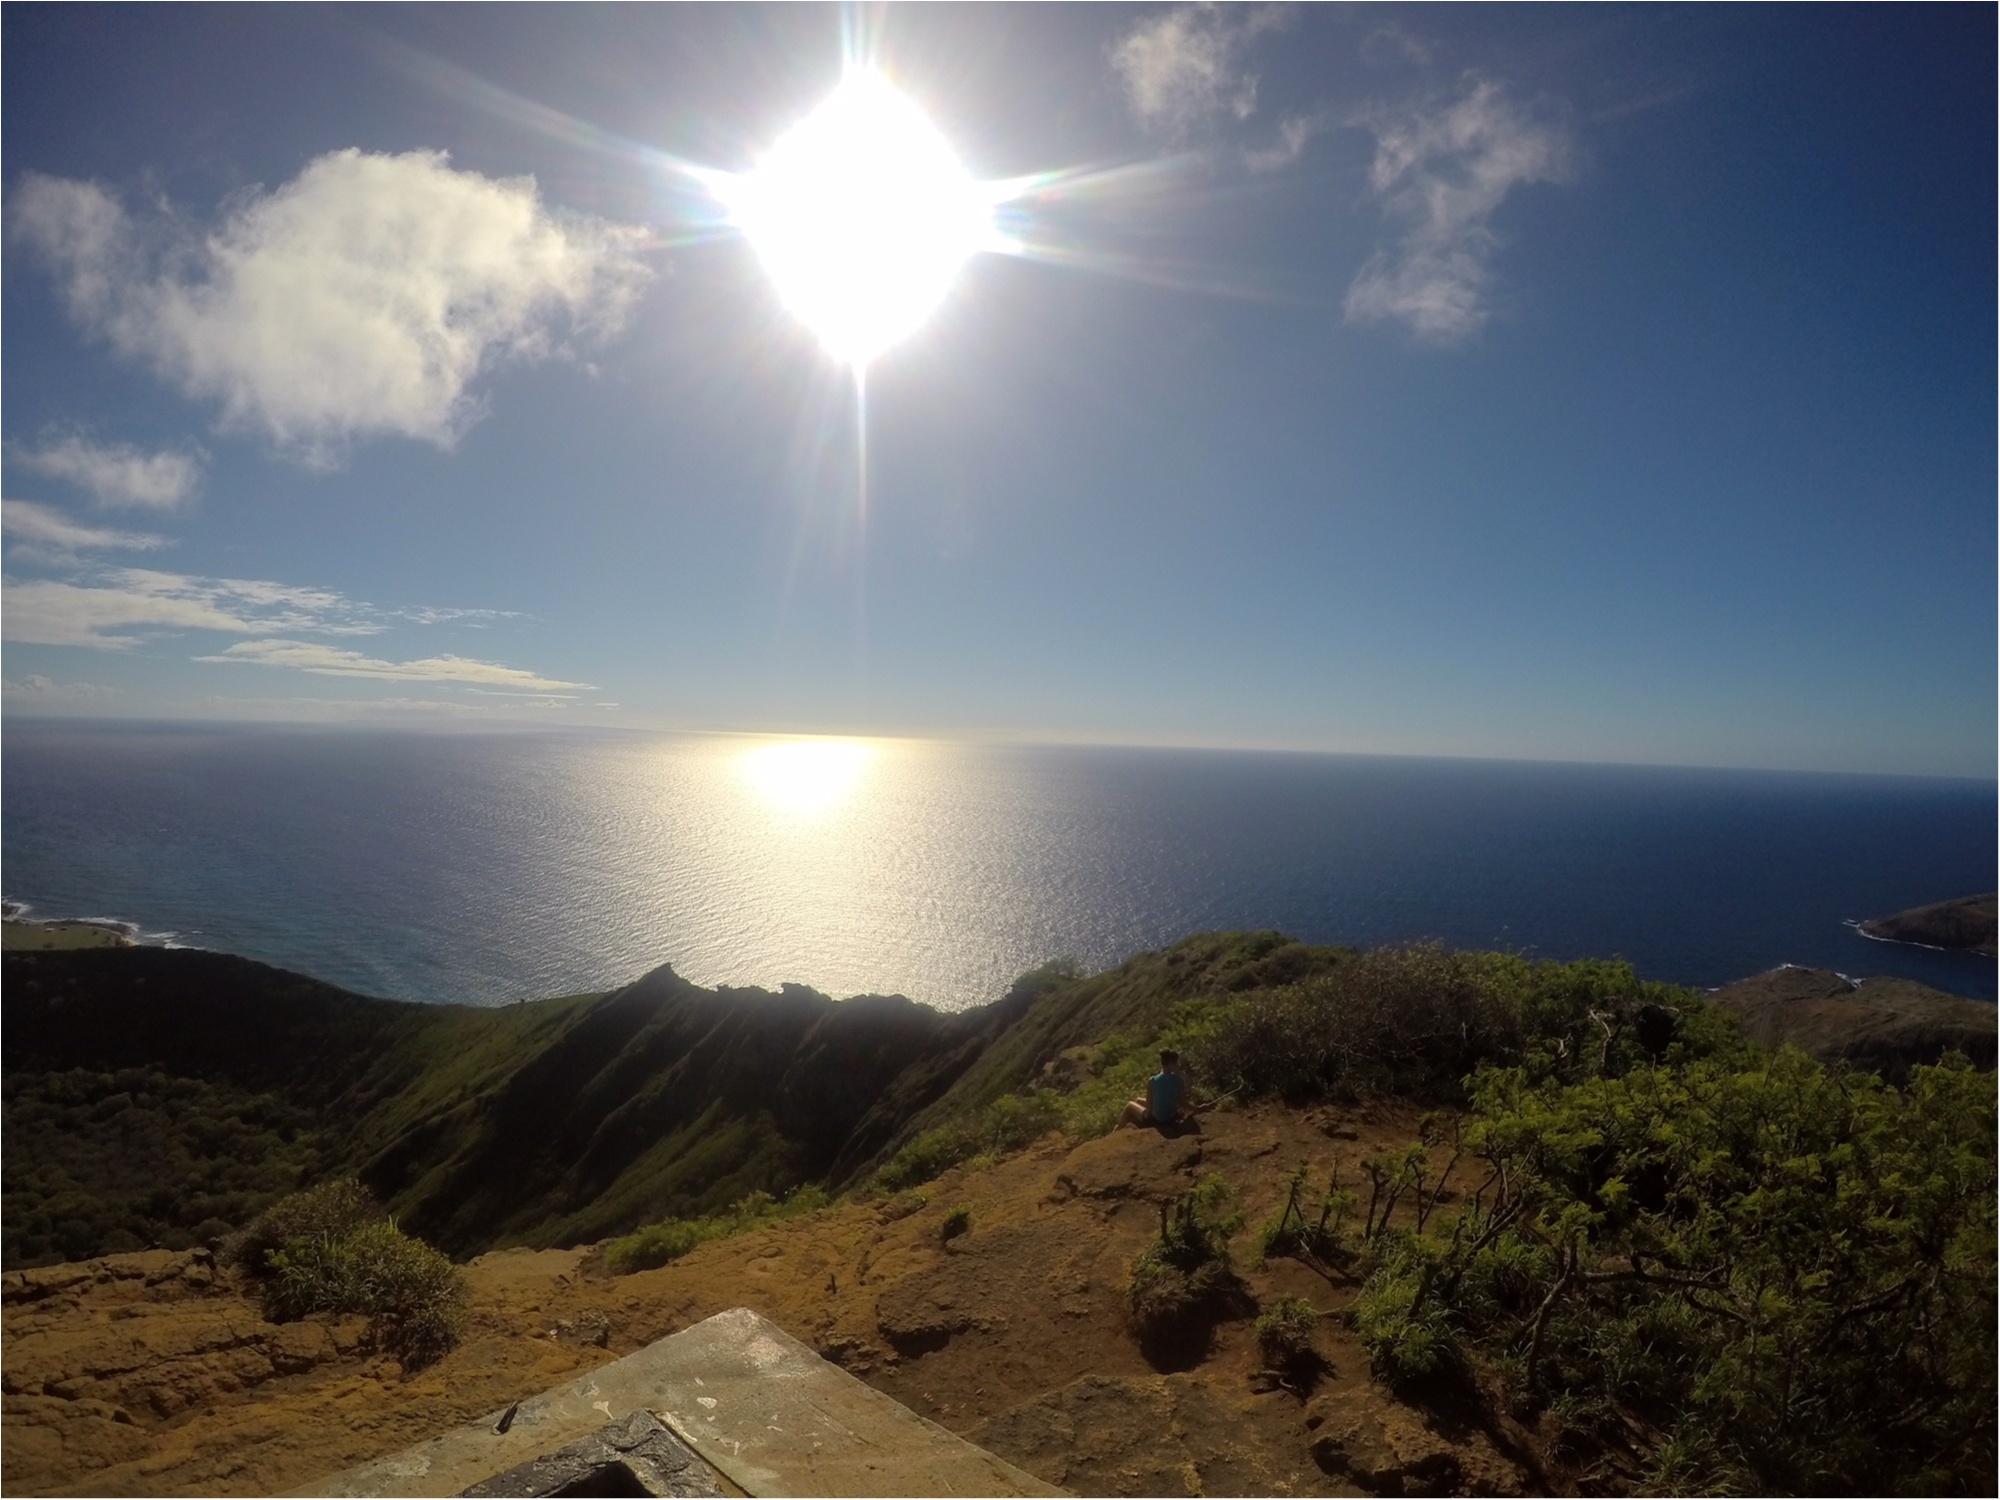 ハワイ女子旅特集 - 人気のカフェやグルメ、インスタ映えスポット、ディズニーなど旅する女子のおすすめまとめ_136